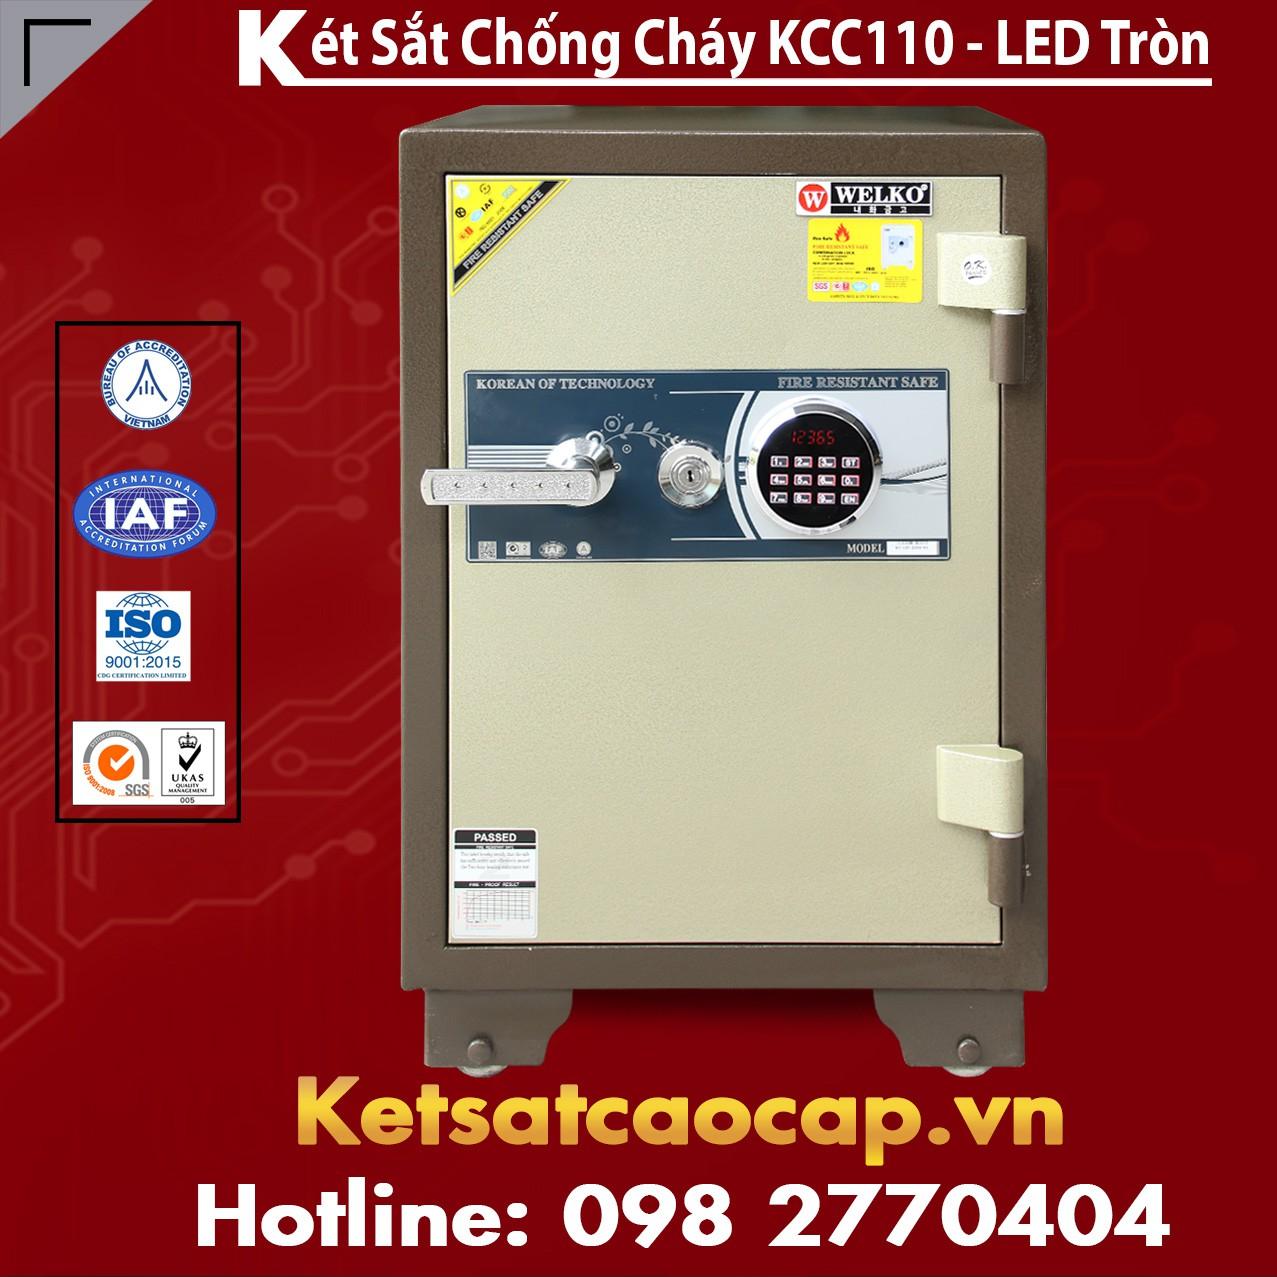 Két Sắt Bình Dương WELKO KCC110 - LED